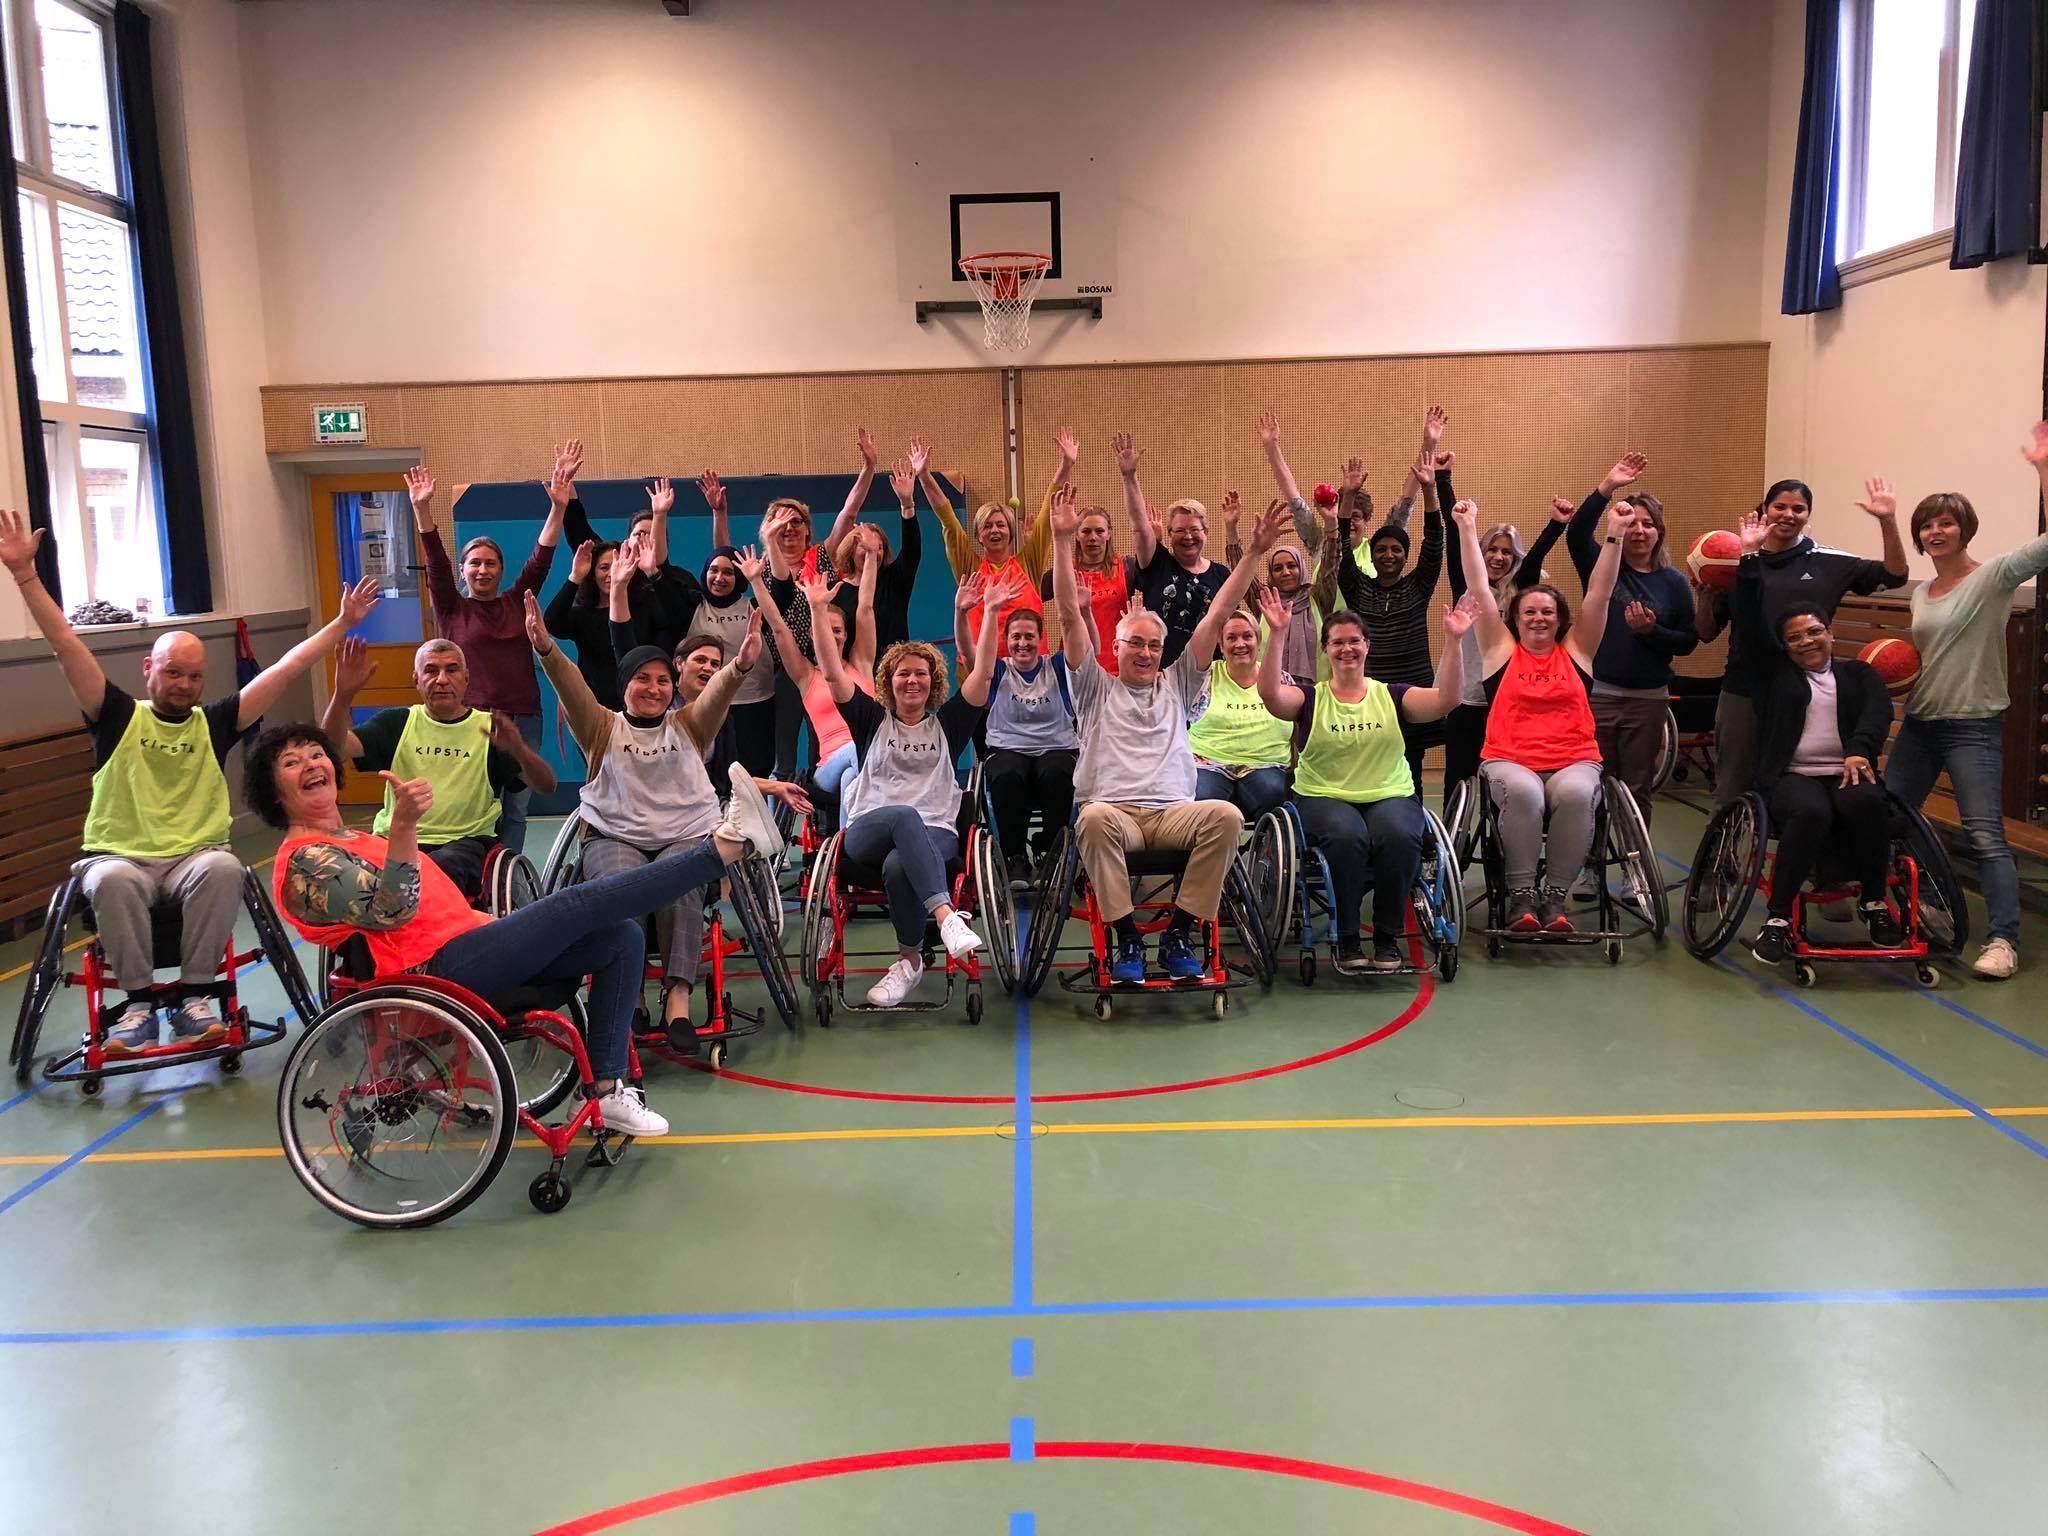 Leerkrachten Bogermanschool na afloop van een clinic rolswtoelbasketball